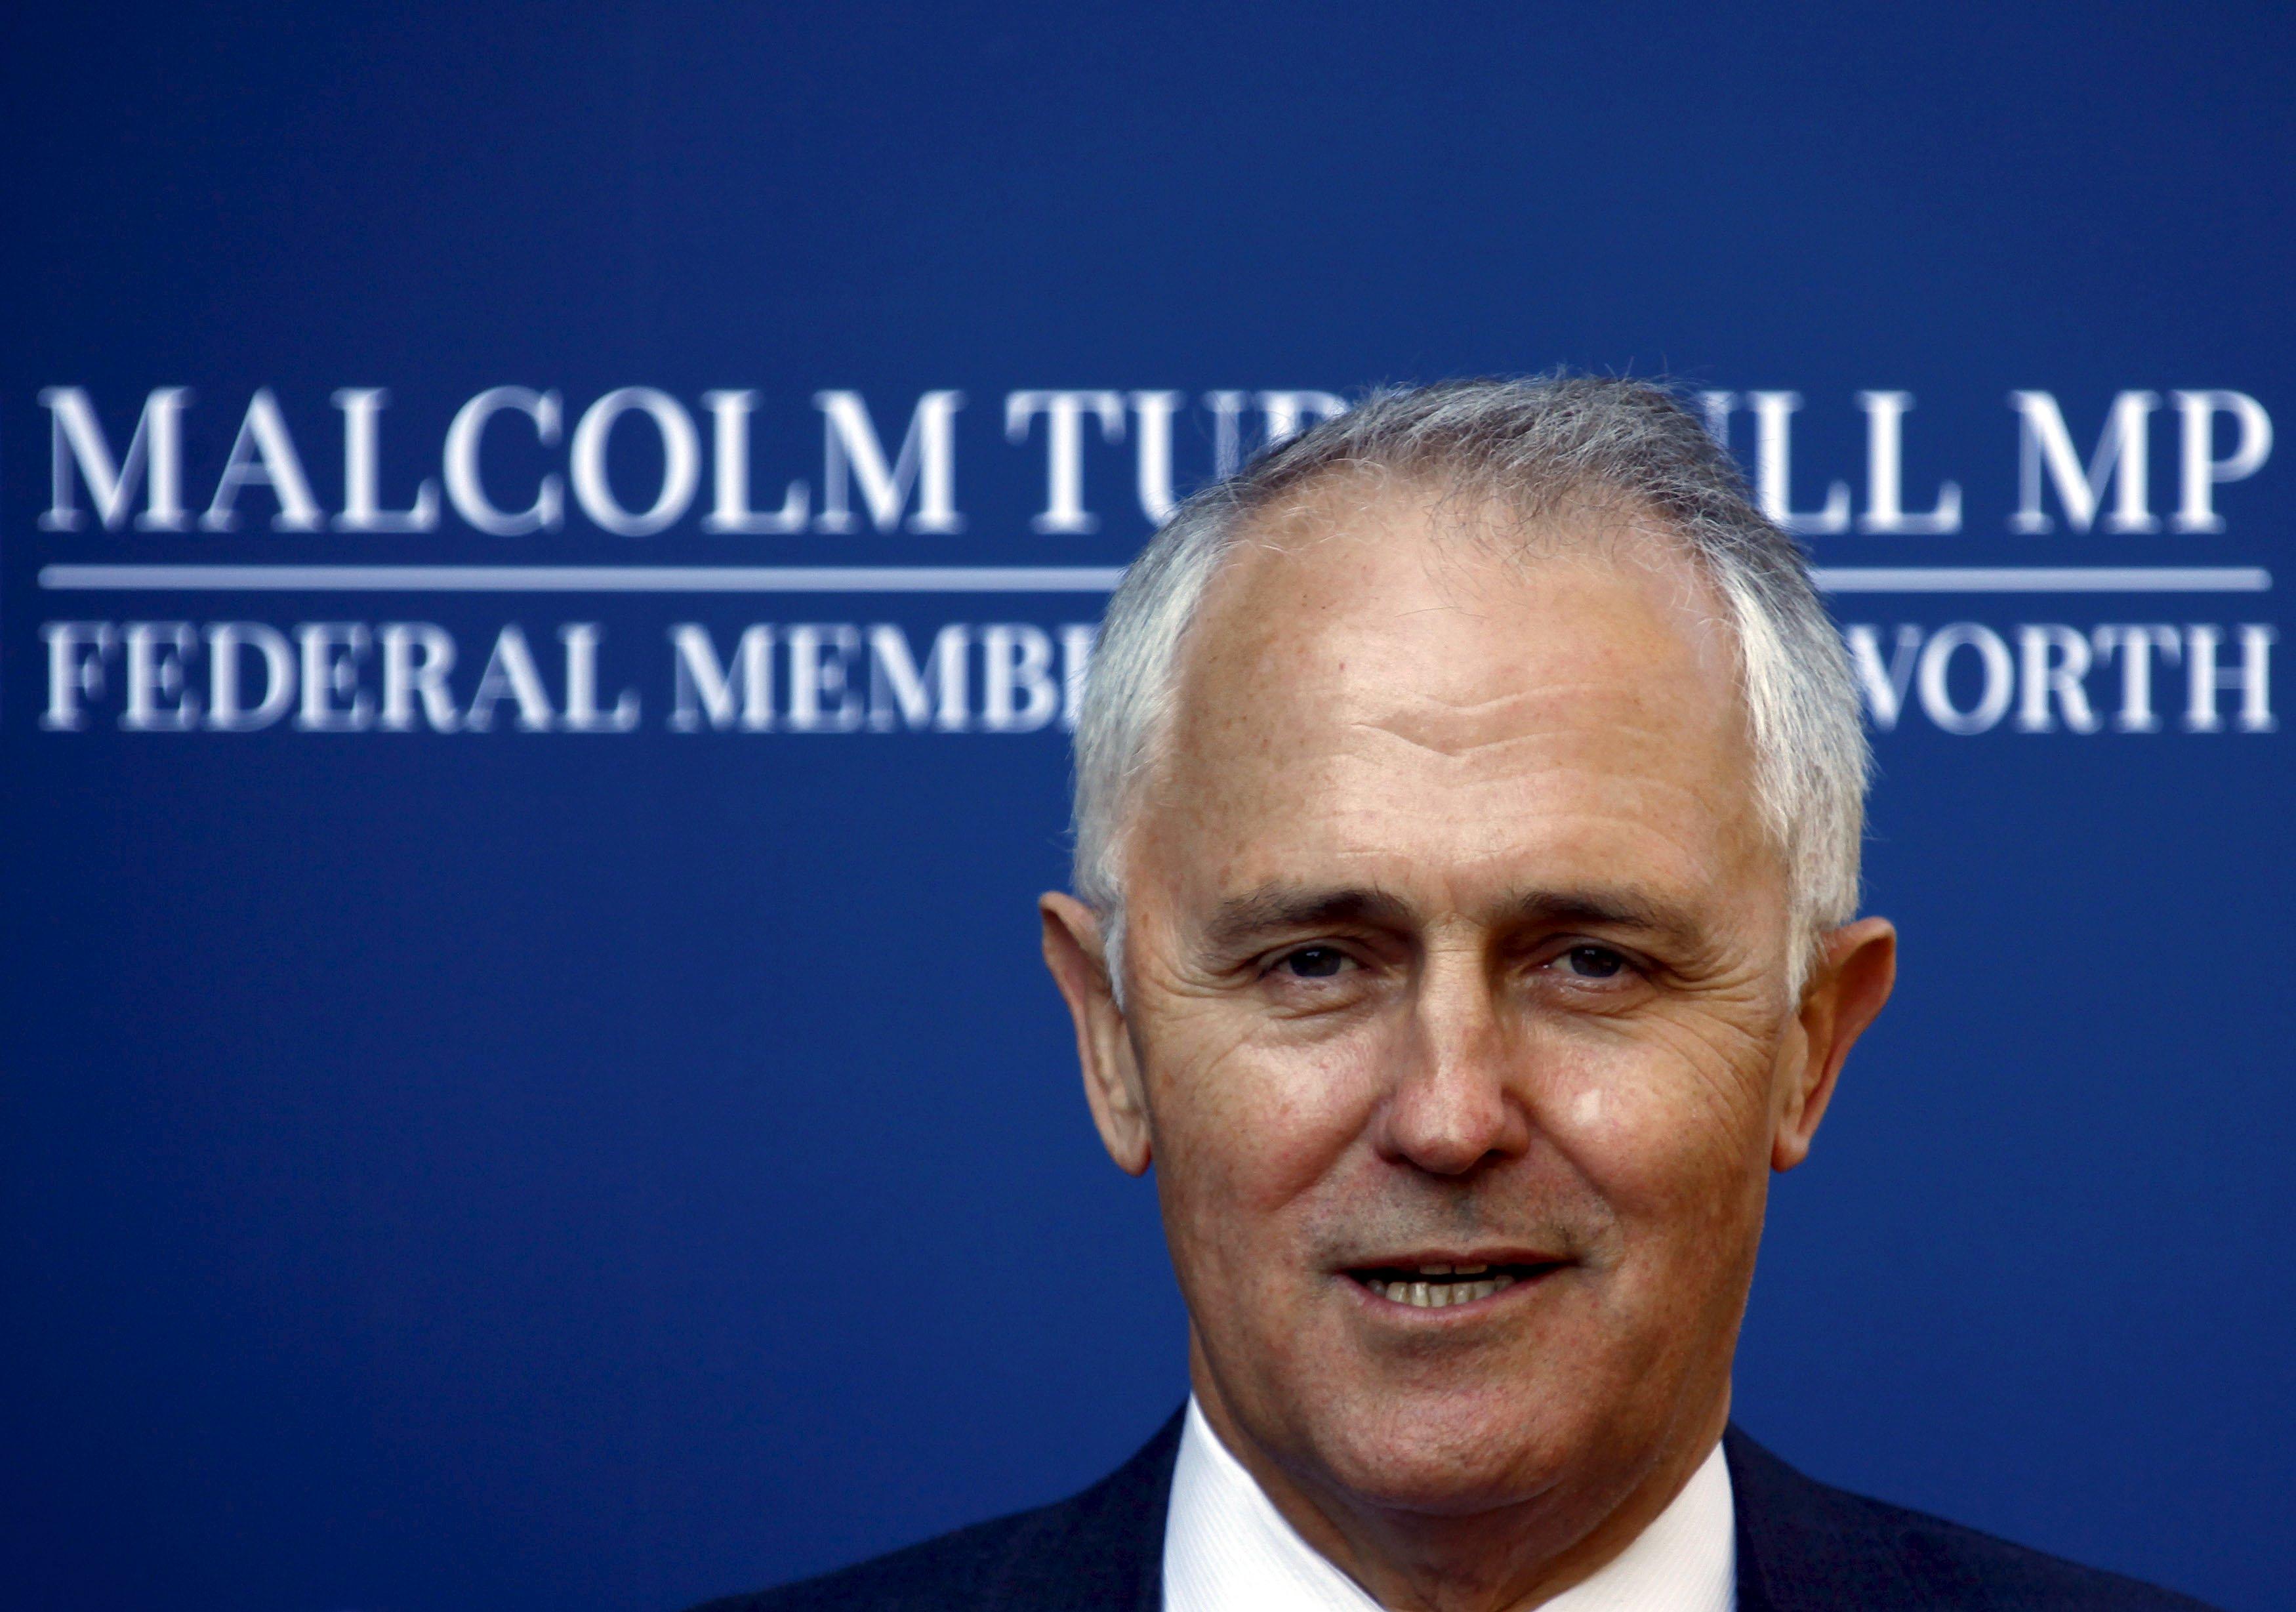 Malcolm Turnbull nahradí ve funkci premiér Abbotta, který byl v úřadu od voleb v roce 2013 (ilustrační foto)